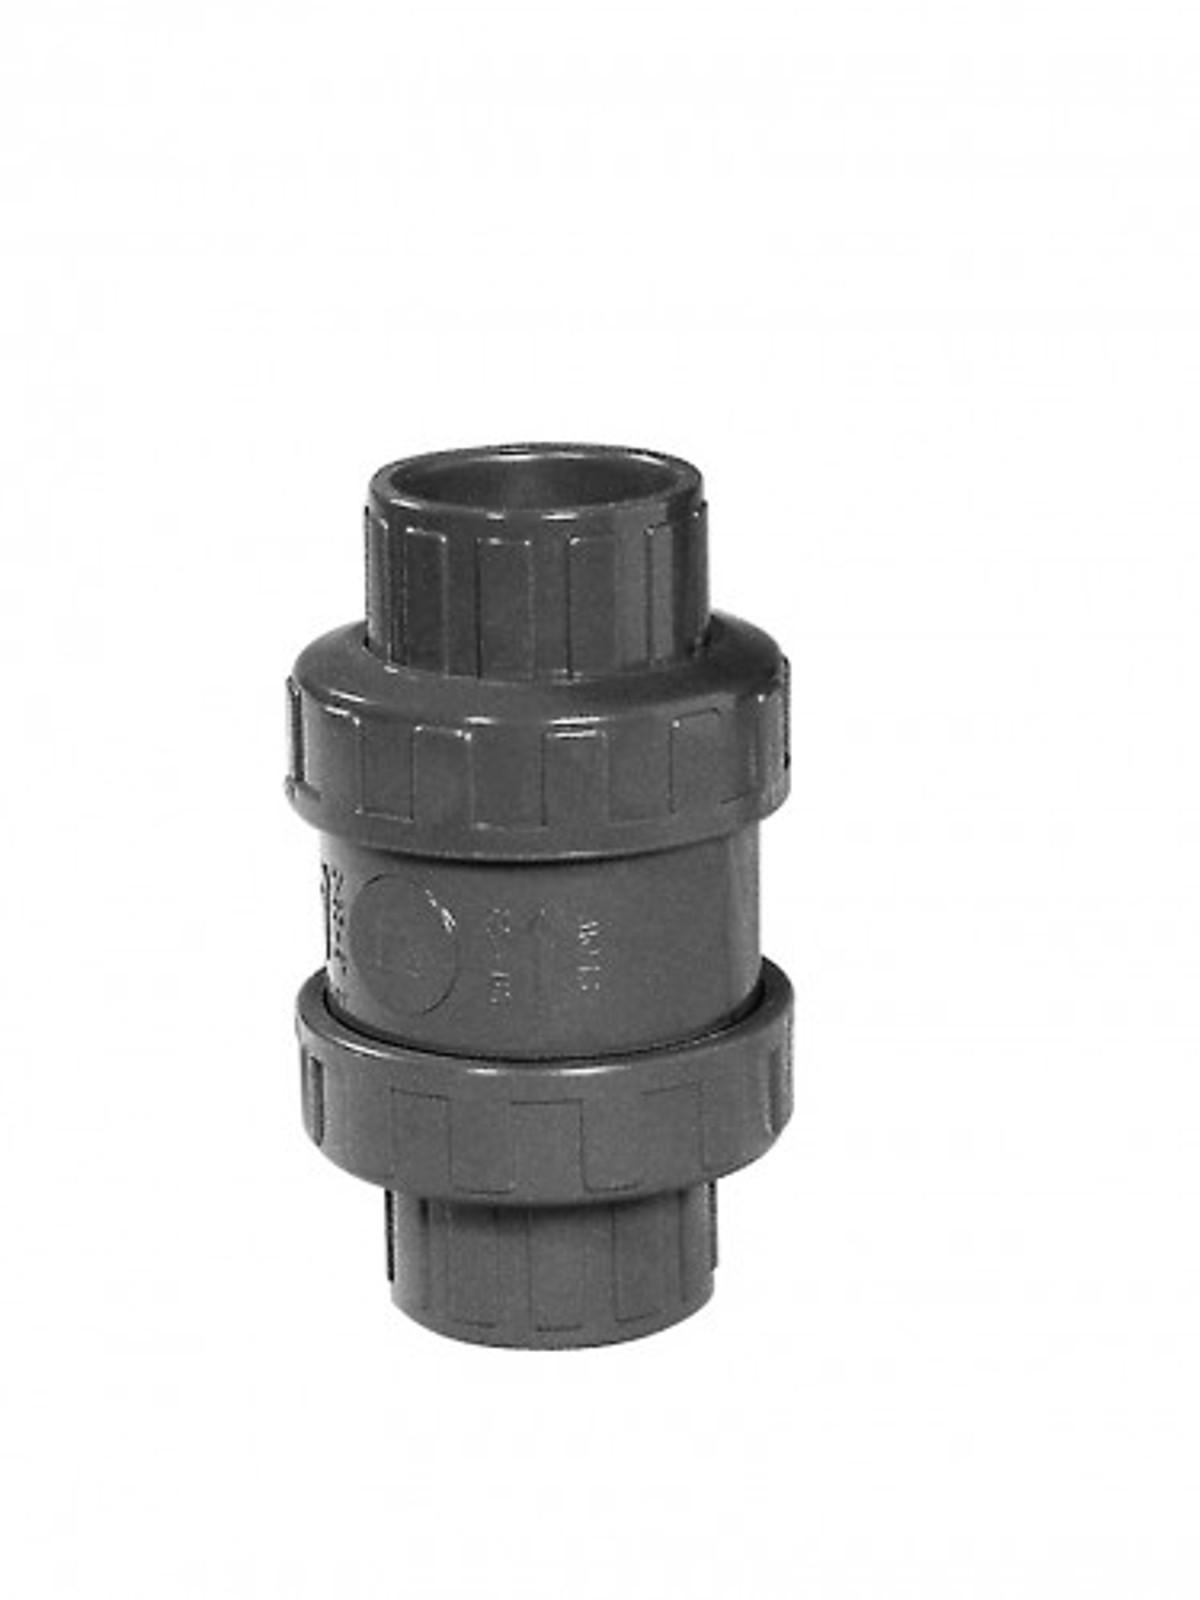 PVC-Rückschlagventil m. O-Ring, Ø 32 mm